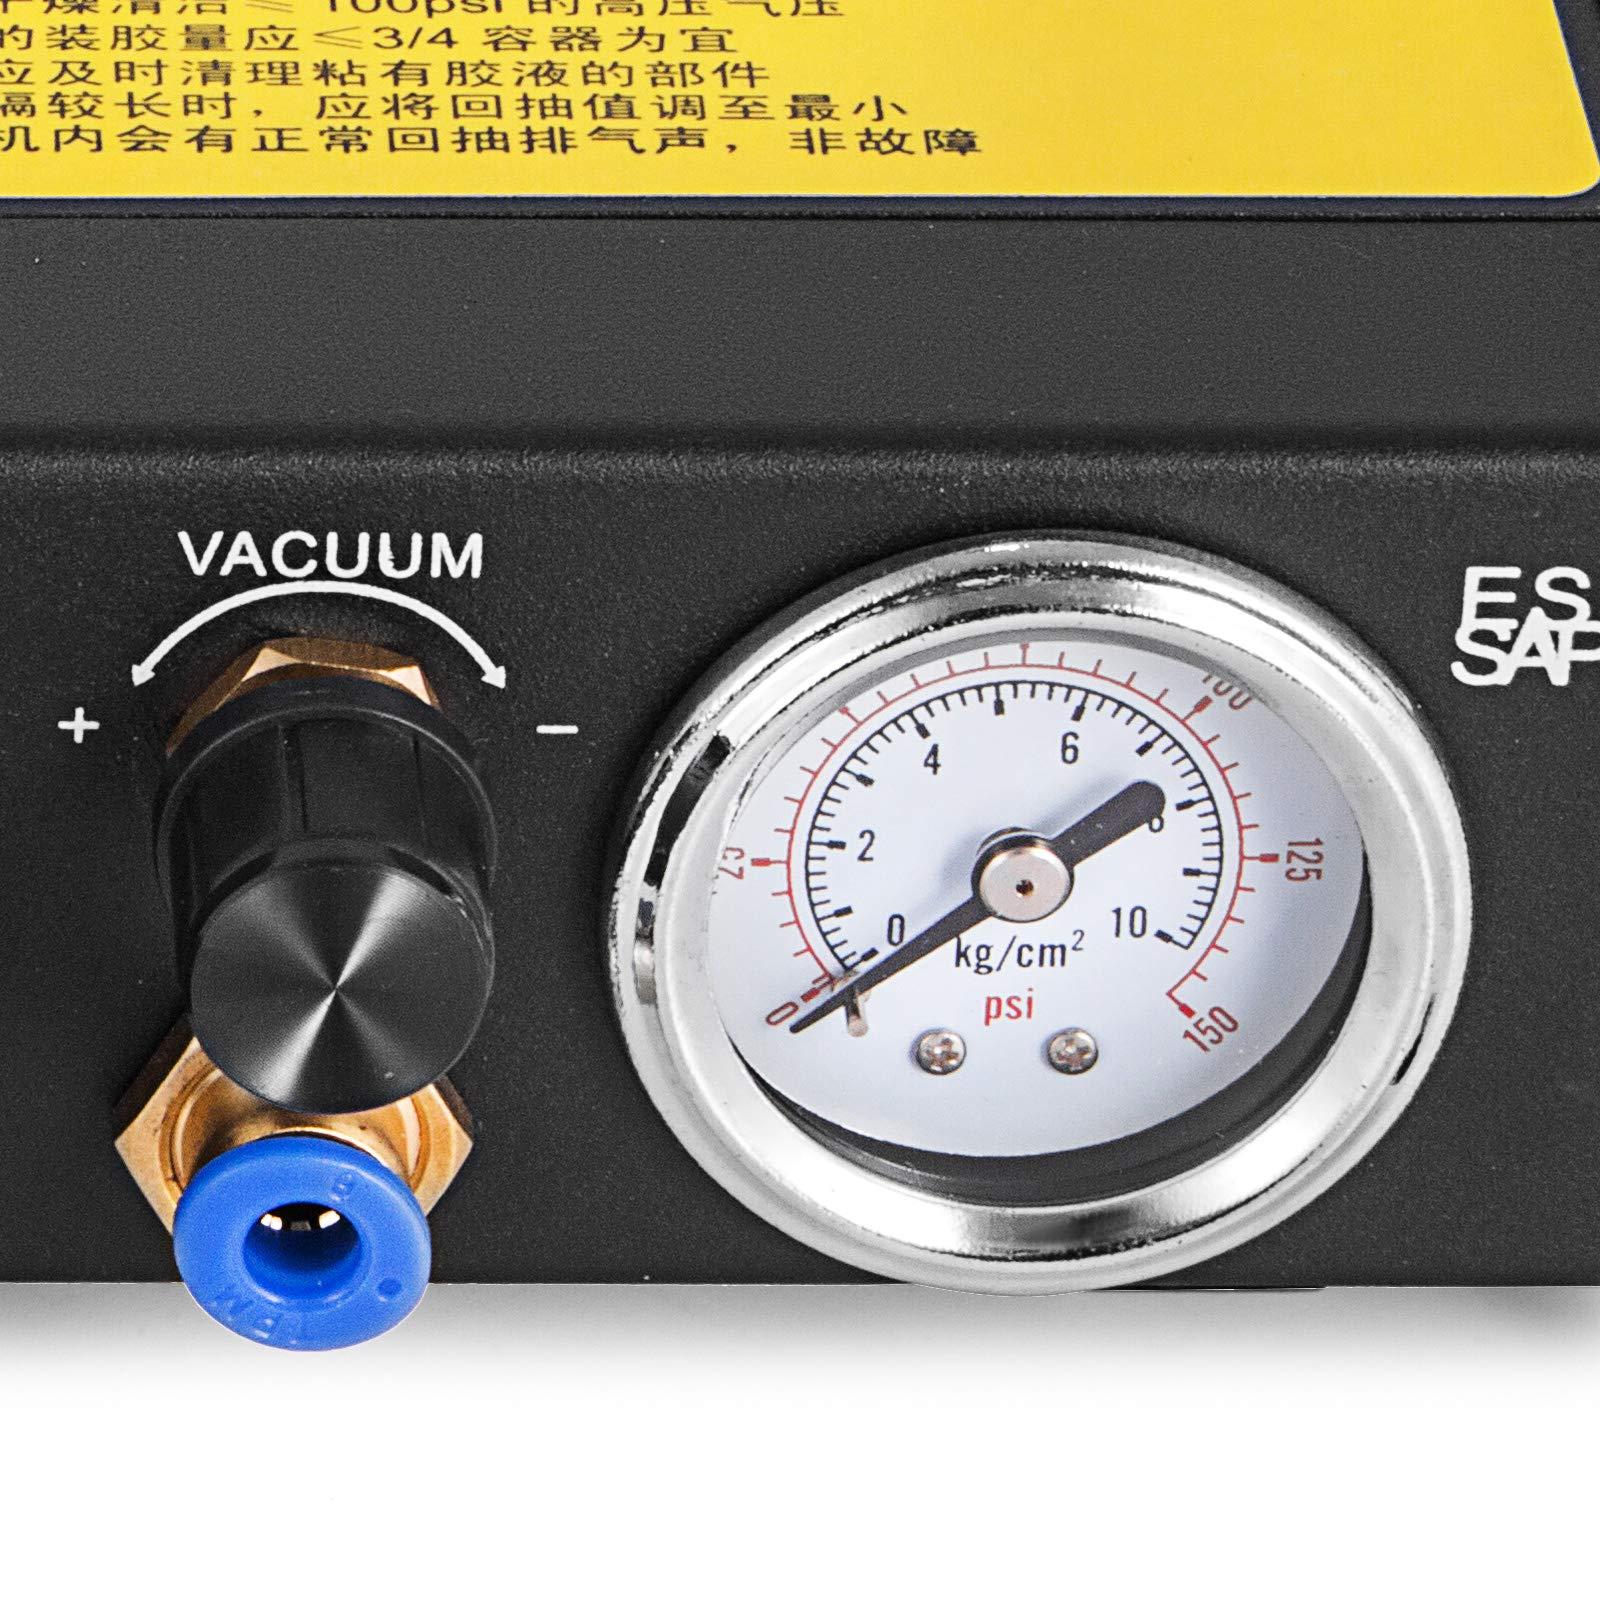 VEVOR Auto Glue Dispenser Dual Controller 24V DC Solder Paste Glue Dropper 982A Digital Display Solder Paste Liquid Controller Dropper Machine by VEVOR (Image #6)